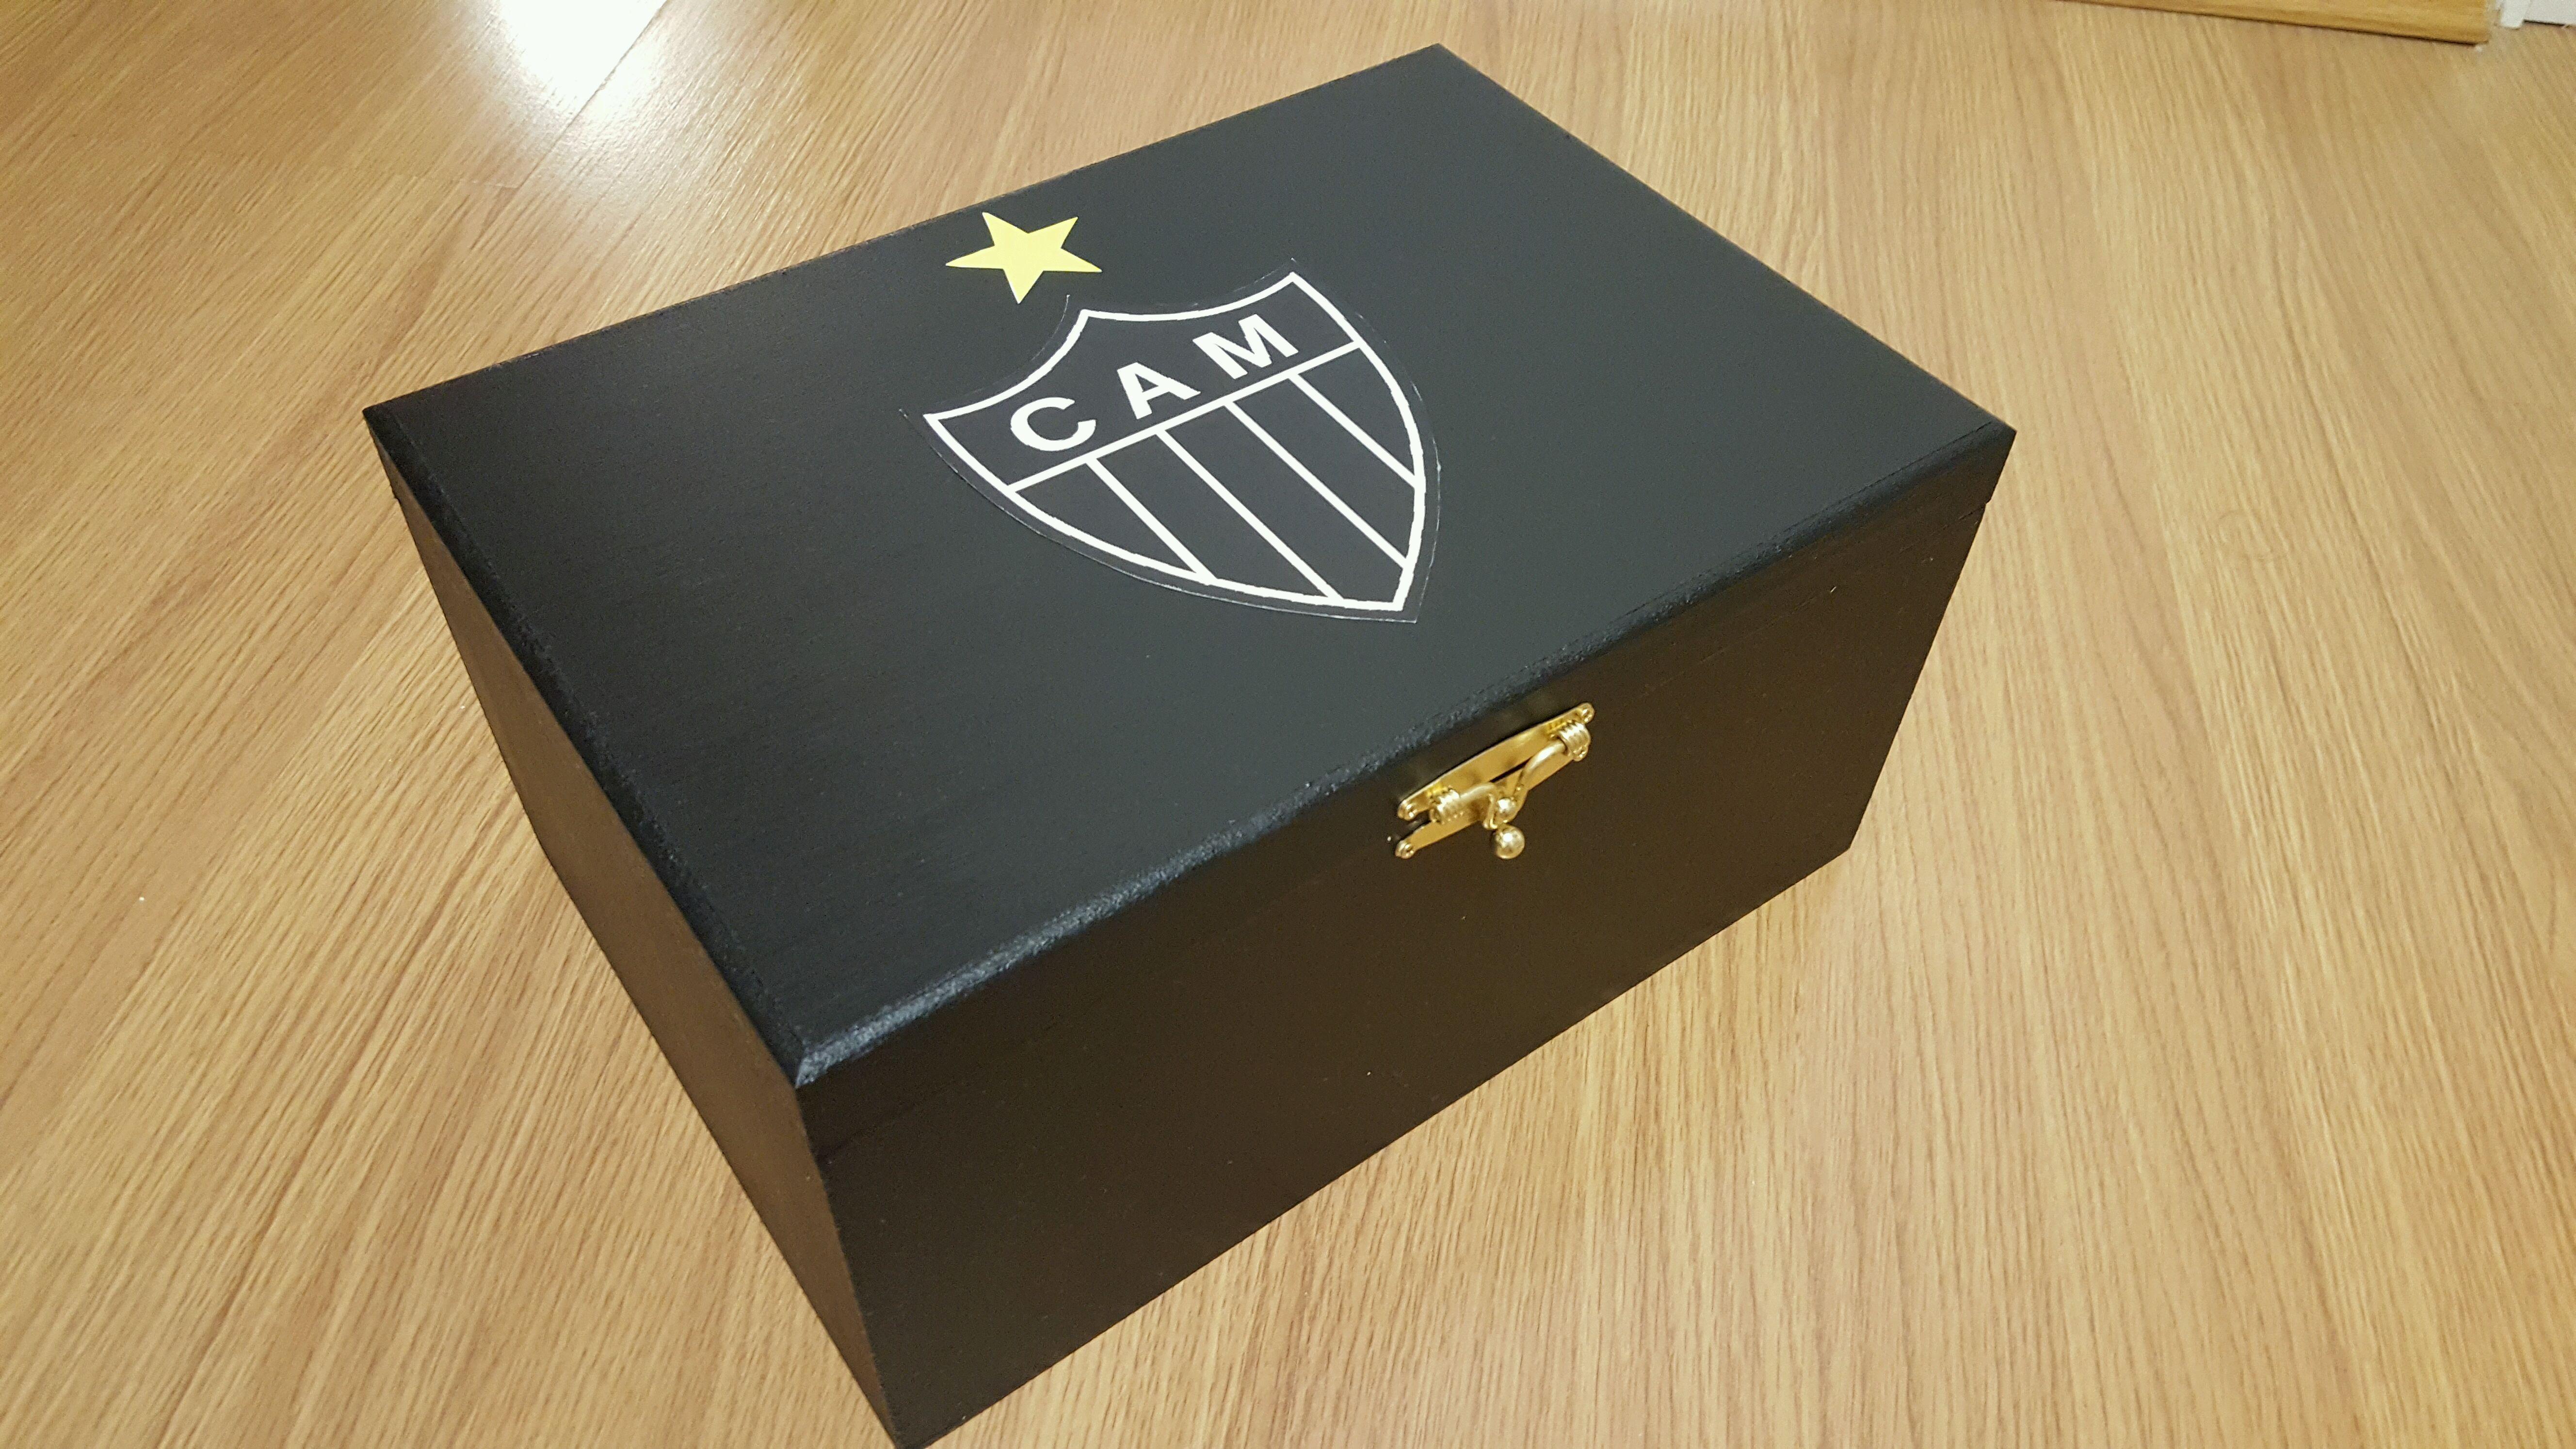 afecc4c2bf8 Caixa para óculos e relógio do Atlético no Elo7